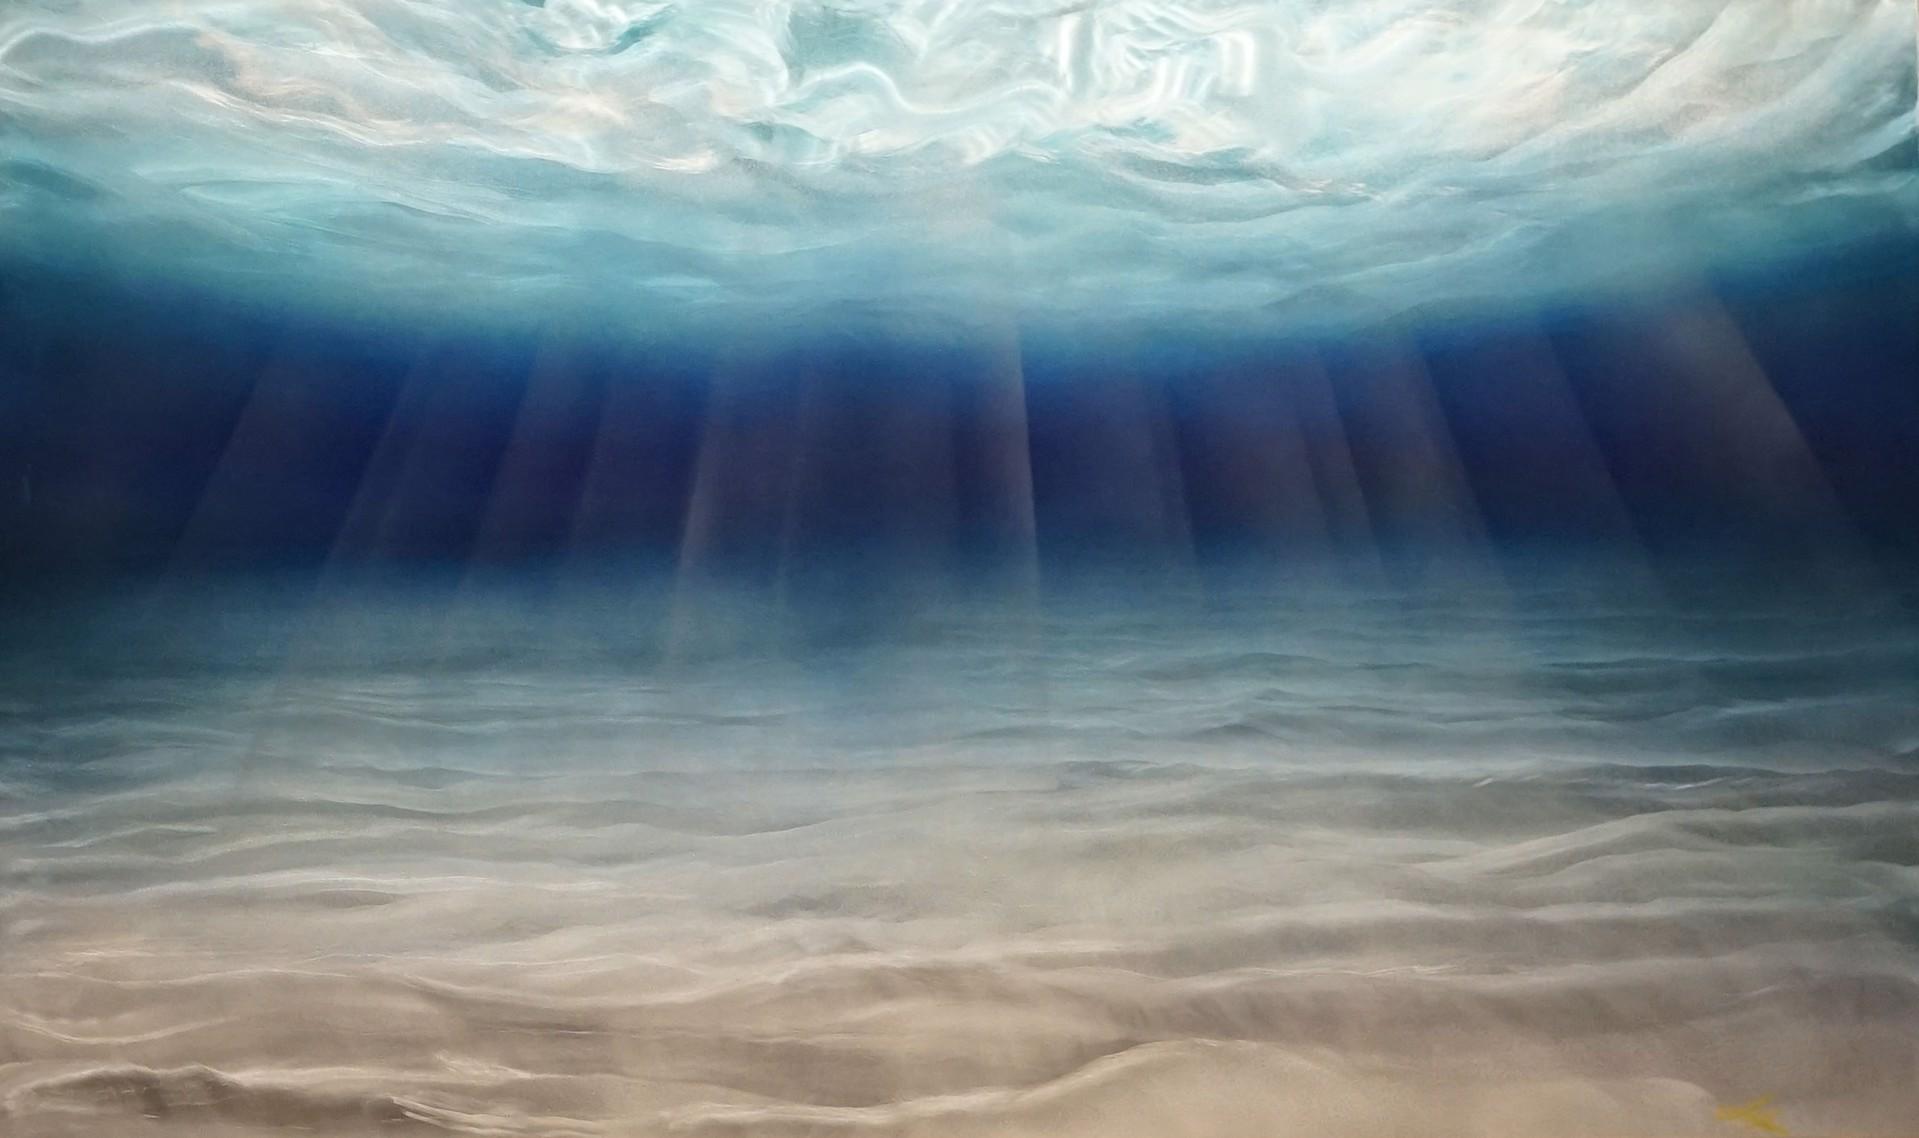 Under Sea Dream by Lori Wylie